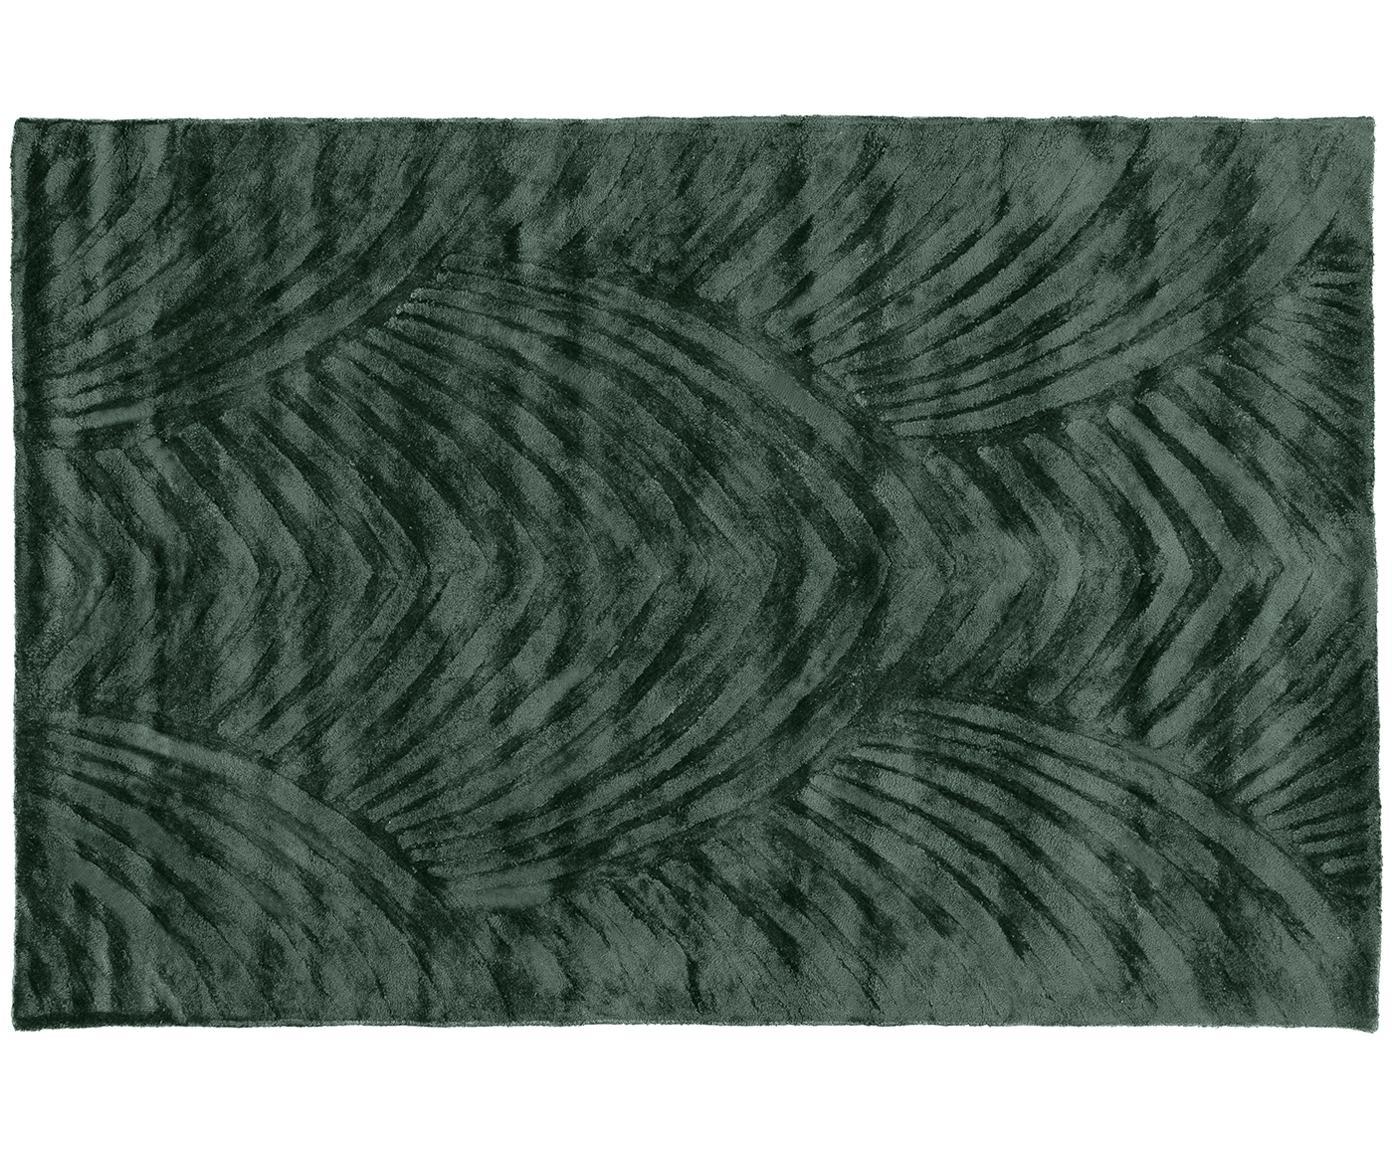 Alfombra artesanal de viscosa Bloom, Parte superior: 100%viscosa, Reverso: 100%algodón, Verde oscuro, An 120 x L 180 cm (Tamaño S)